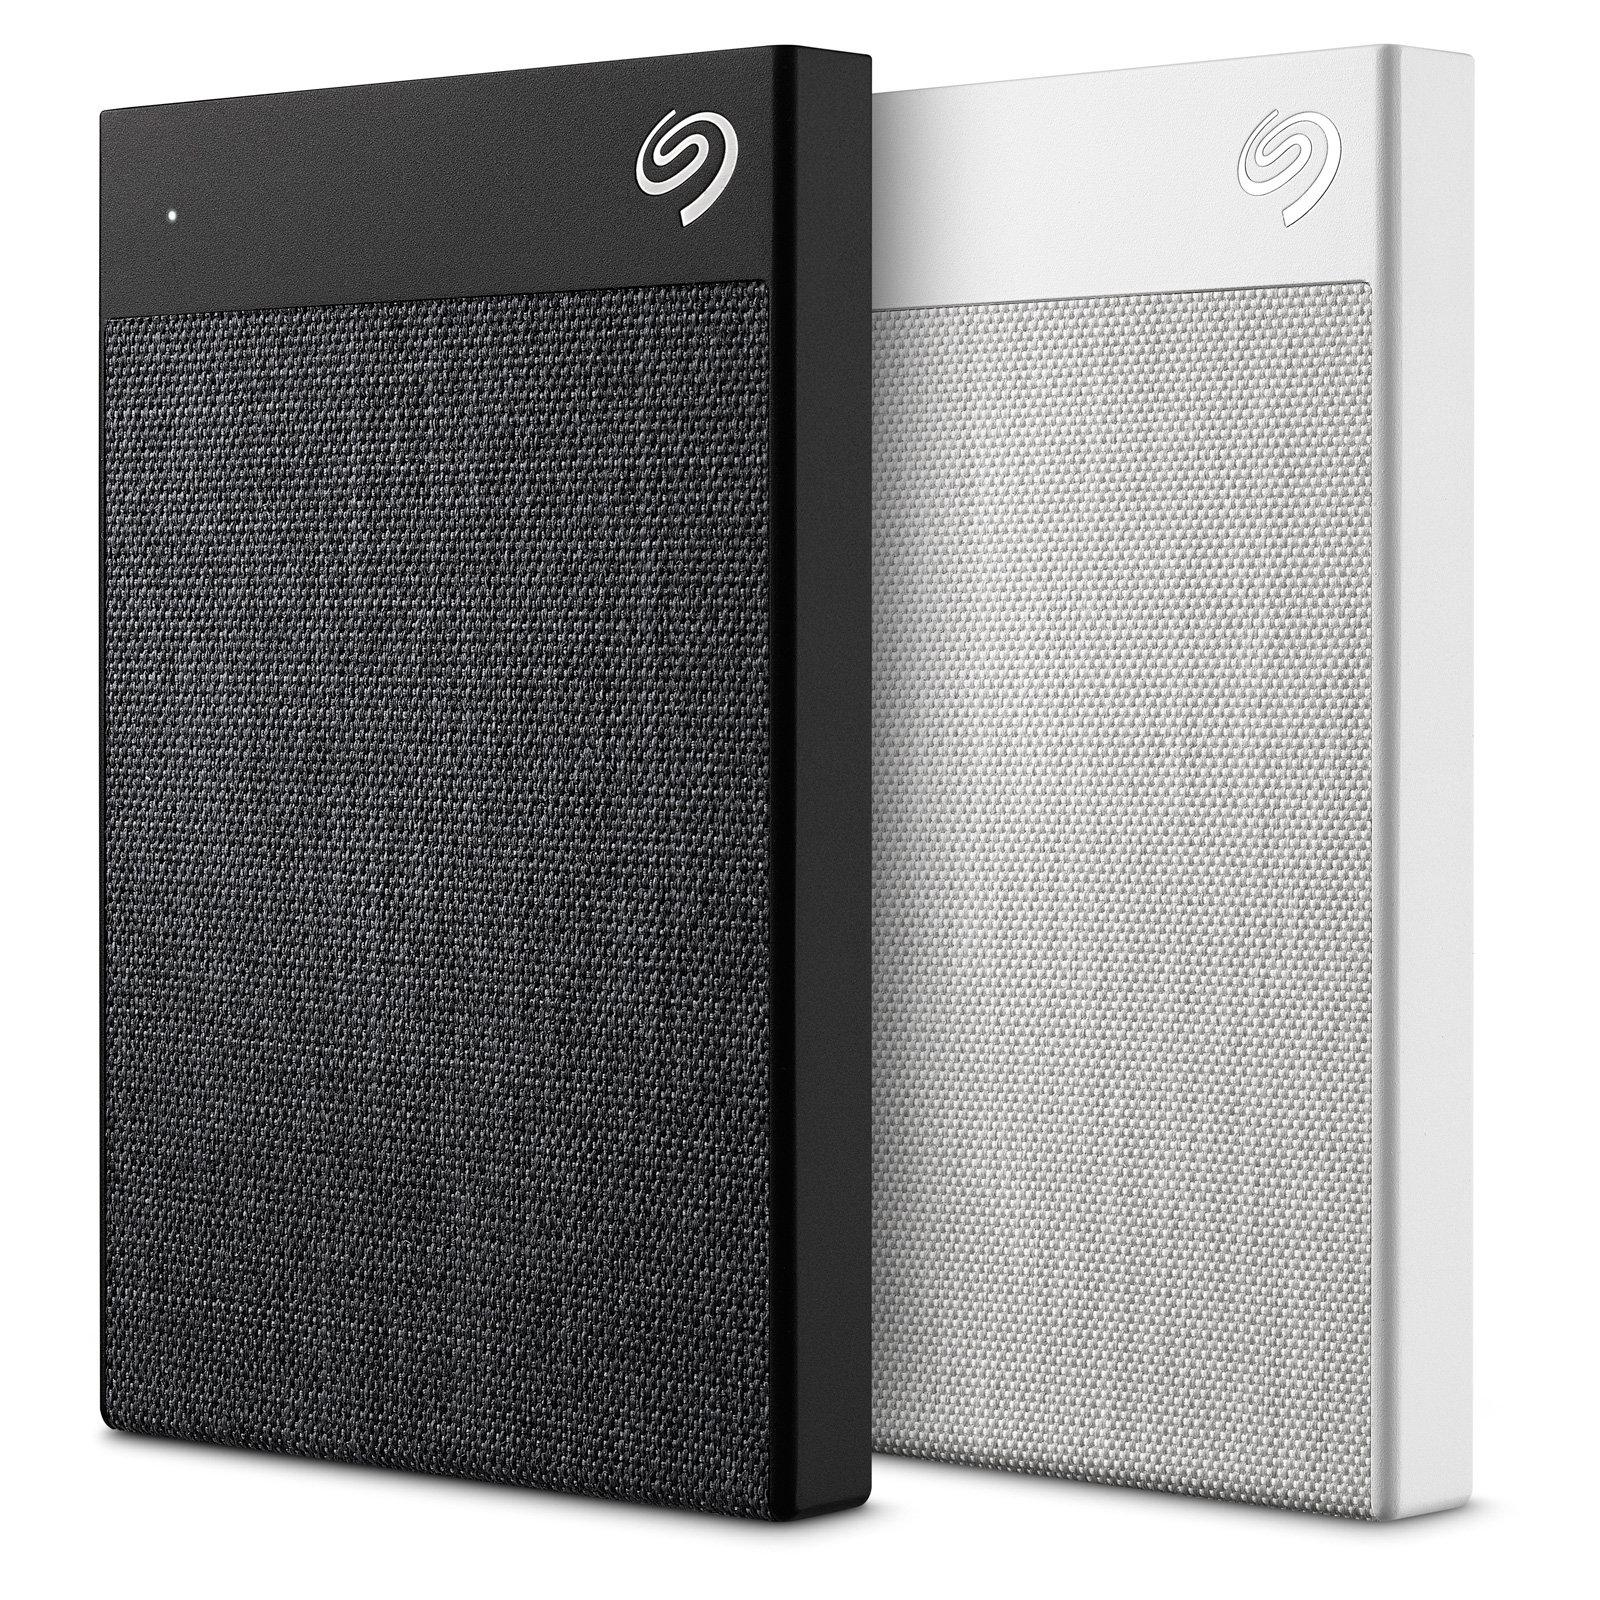 LaCie Mobile Drive è un disco esterno super sottile e veloce da ben 5 TB 1